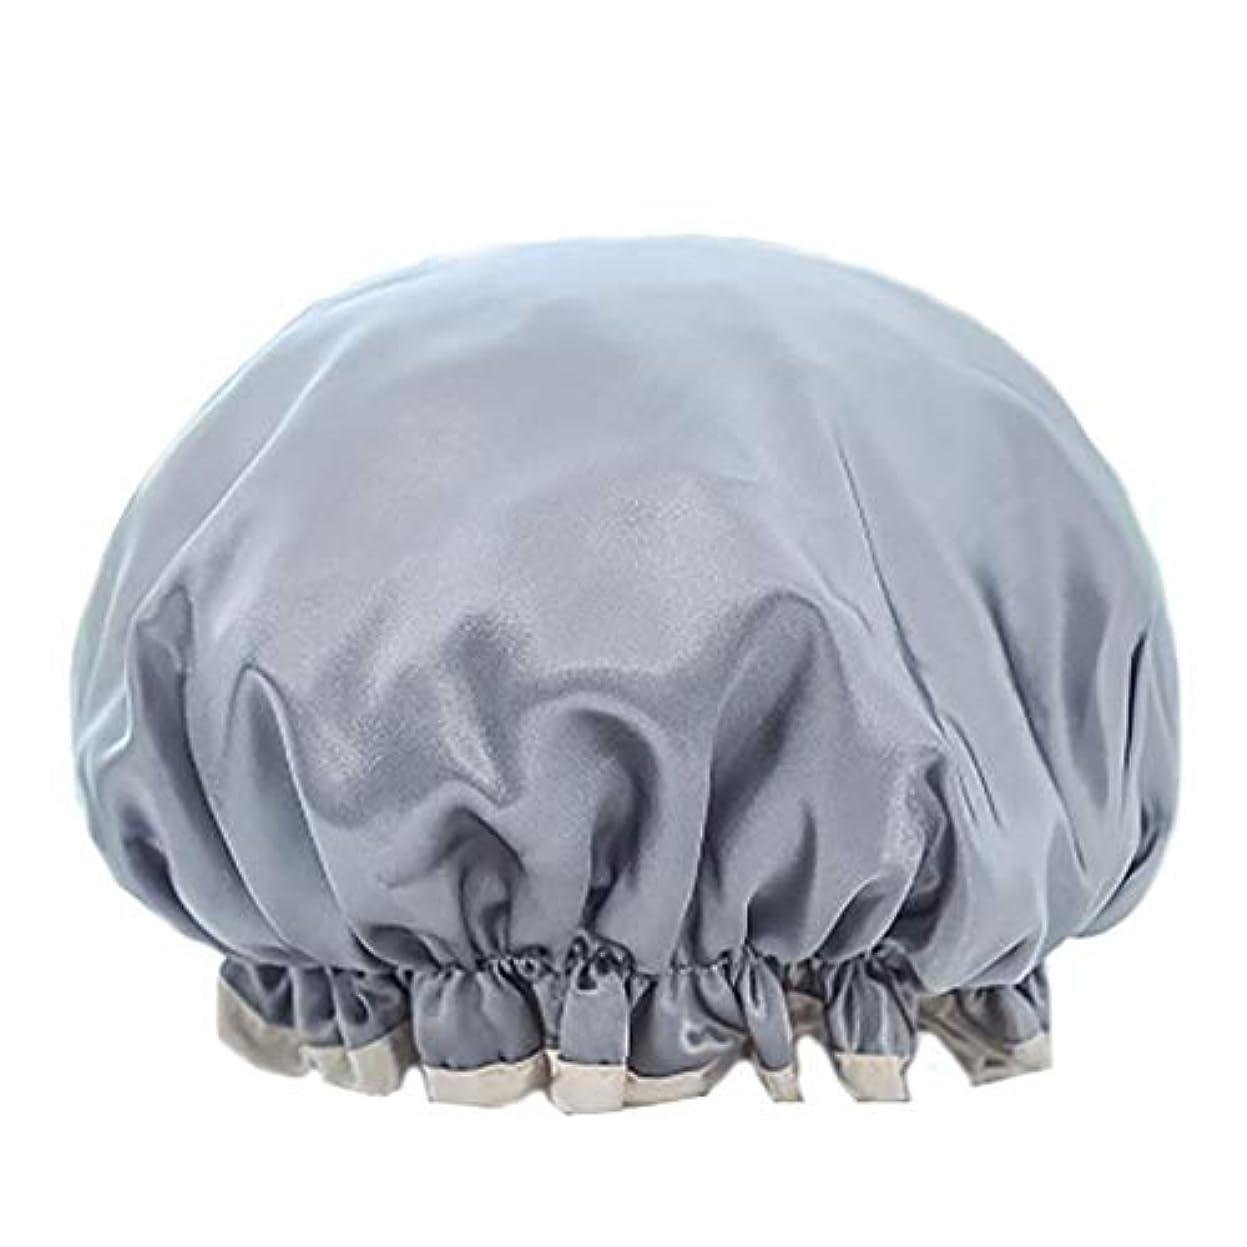 狂う輝度グループMaltose シャワーきゃっぷ 防水シャワーキャップ 化粧帽 ふわふわ柔軟 色落ちしない 温泉 2枚セット